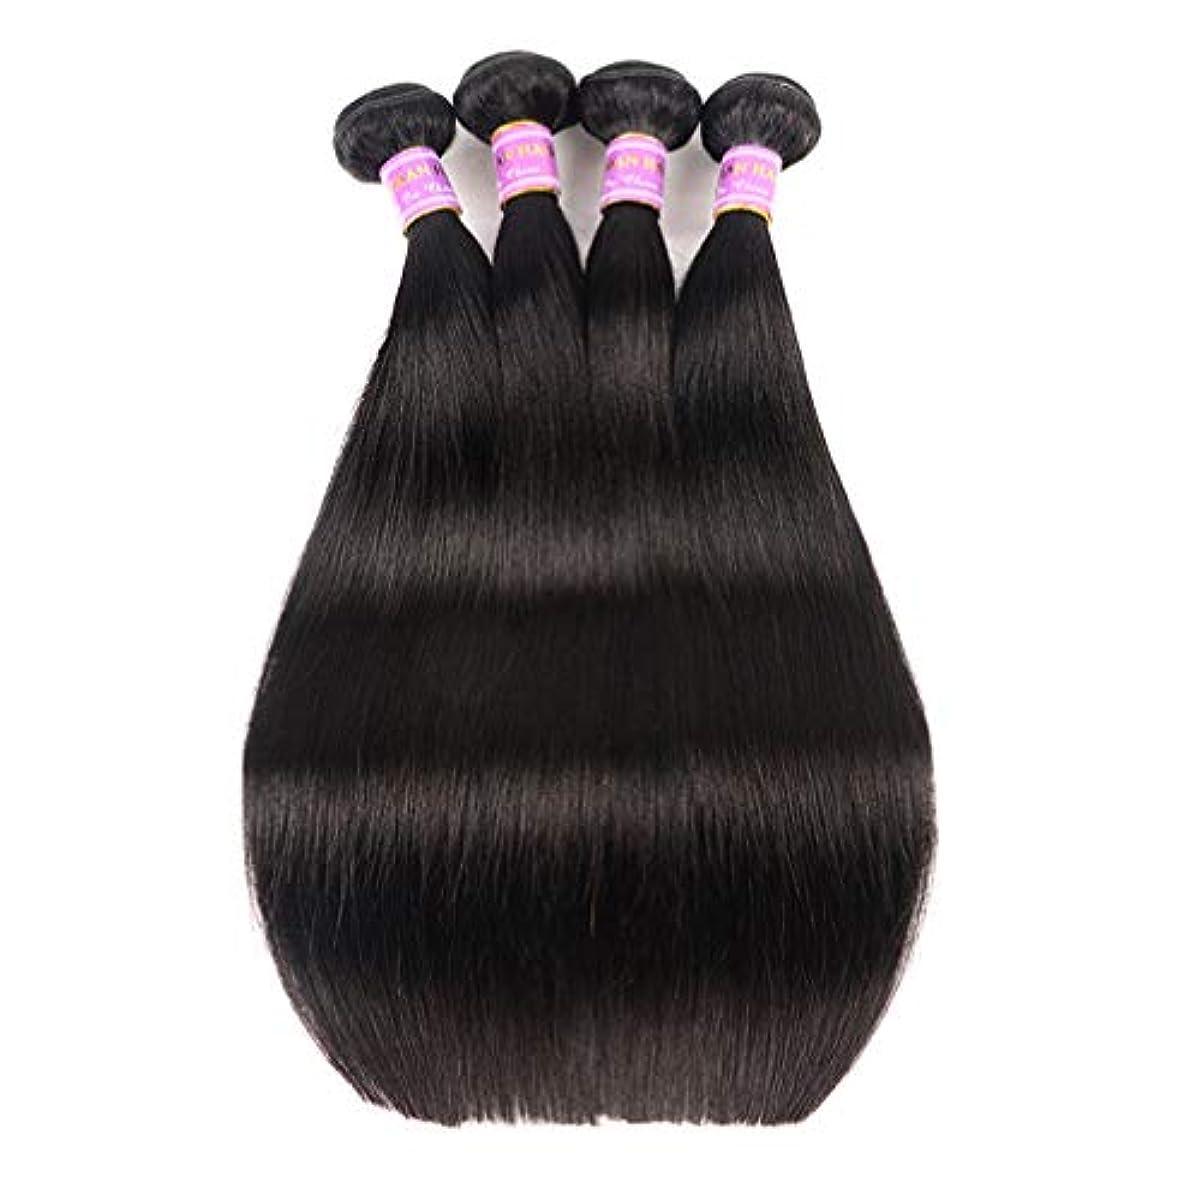 運搬シンプトン持参9Aブラジルのストレートヘア3バンドル安いブラジルのヘアバンドルストレート人間の髪の束ナチュラルブラックカラー300グラム